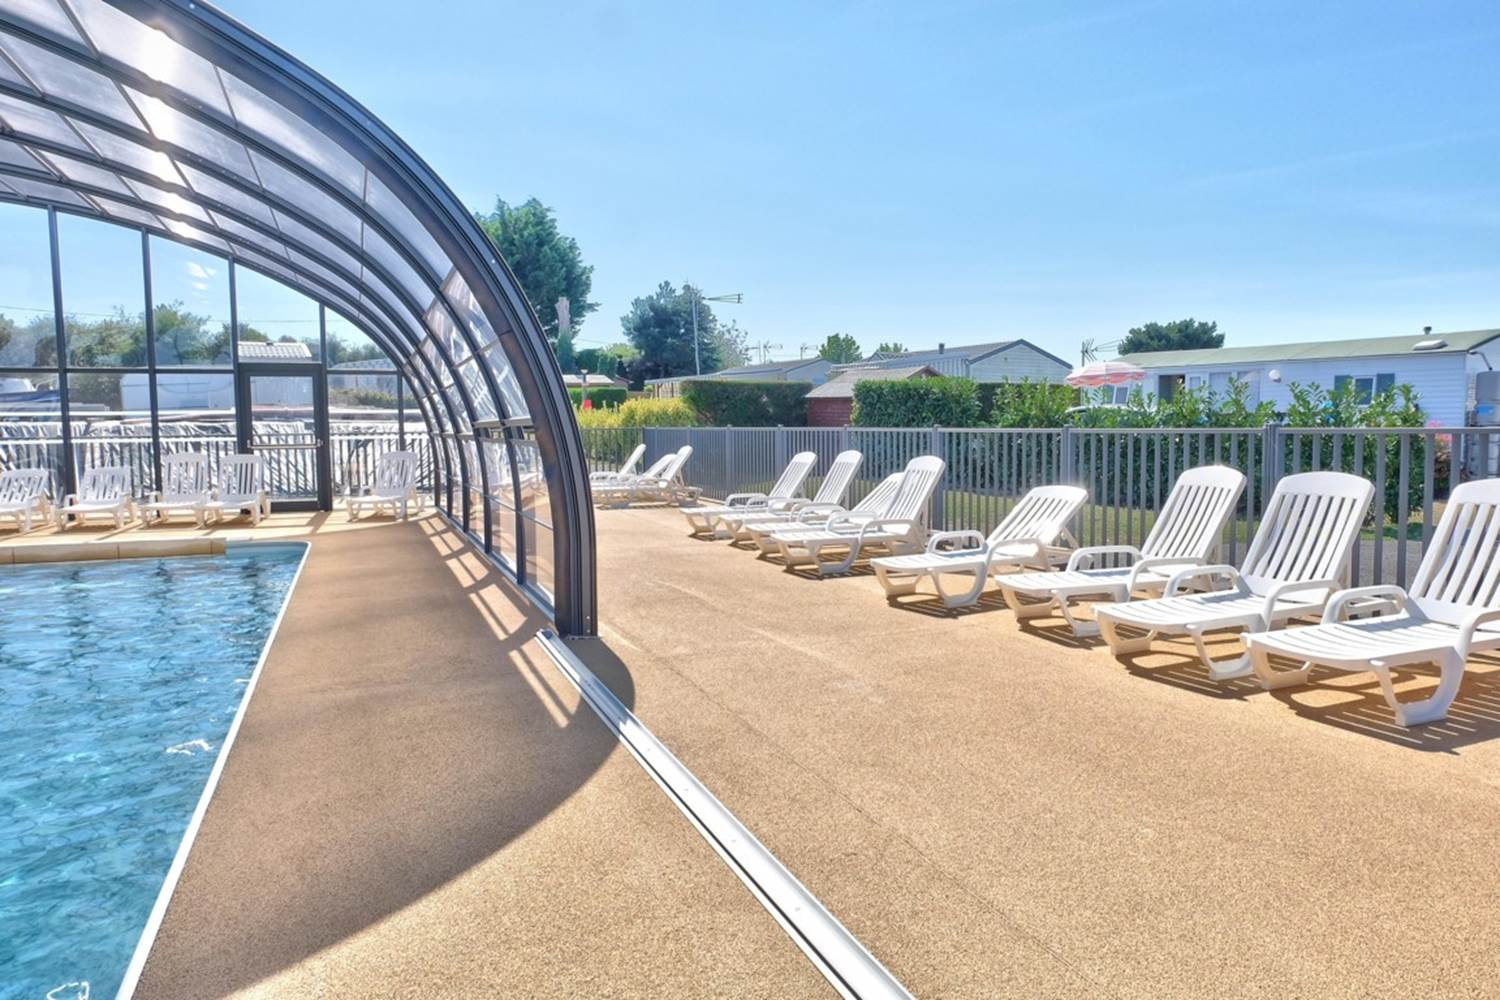 espace extérieur piscine couverte ©